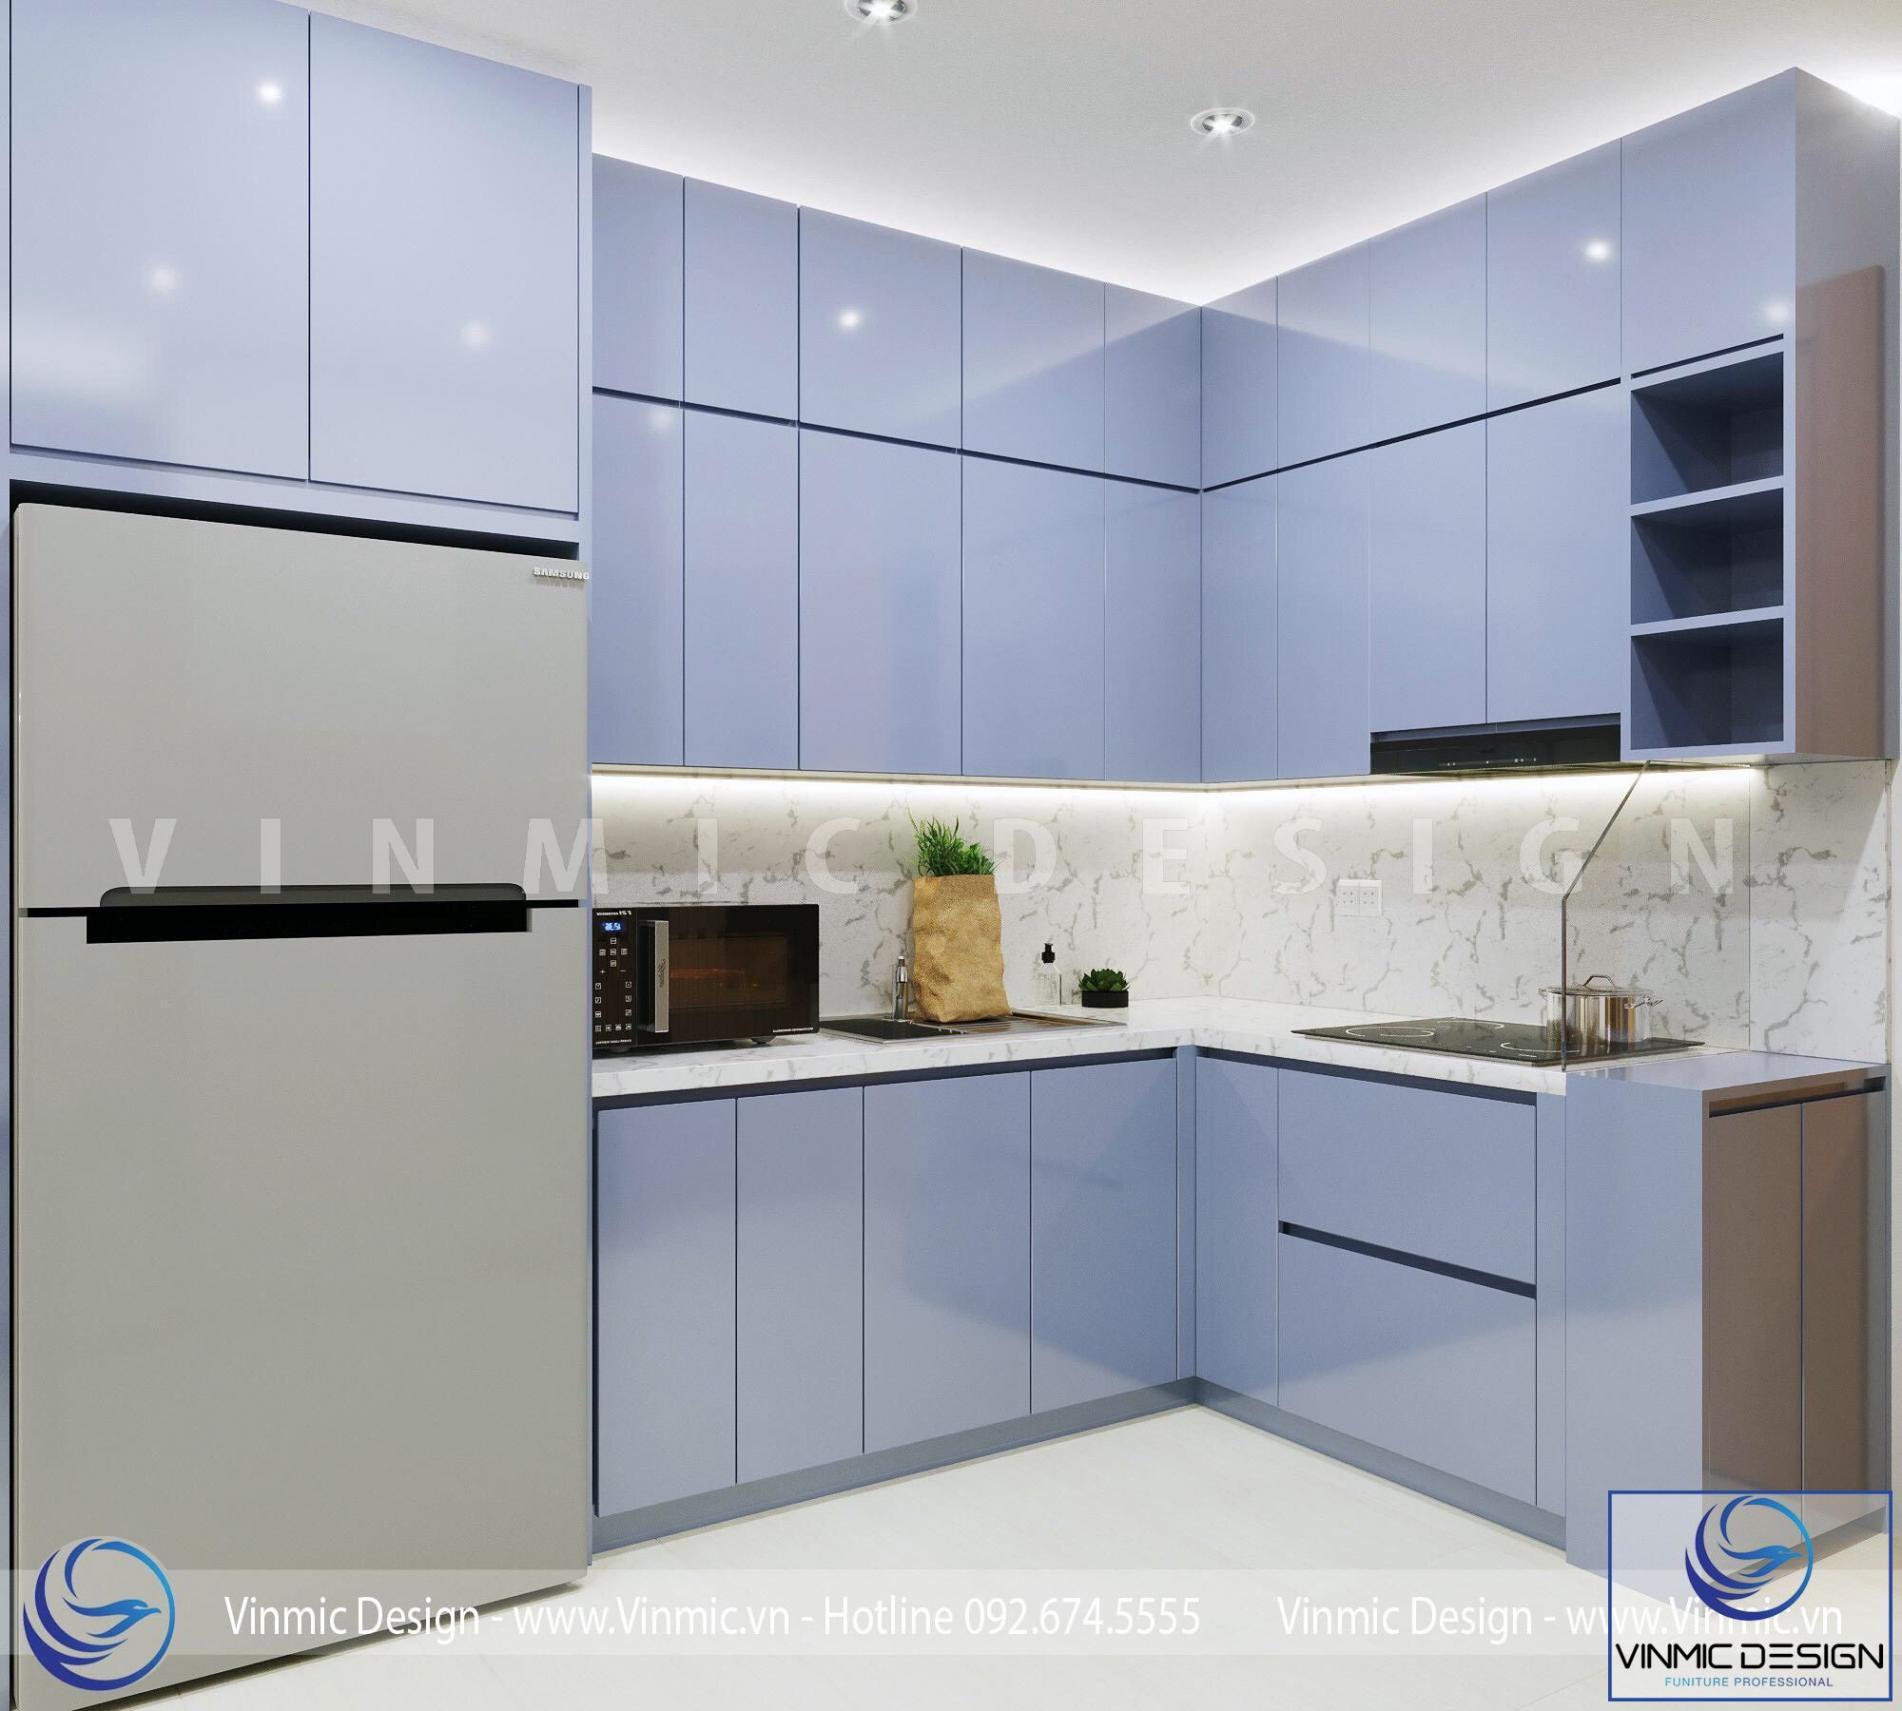 Thiết kế phòng bếp diện tích nhỏ với bề mặt gỗ Acrylic đẹp và sáng